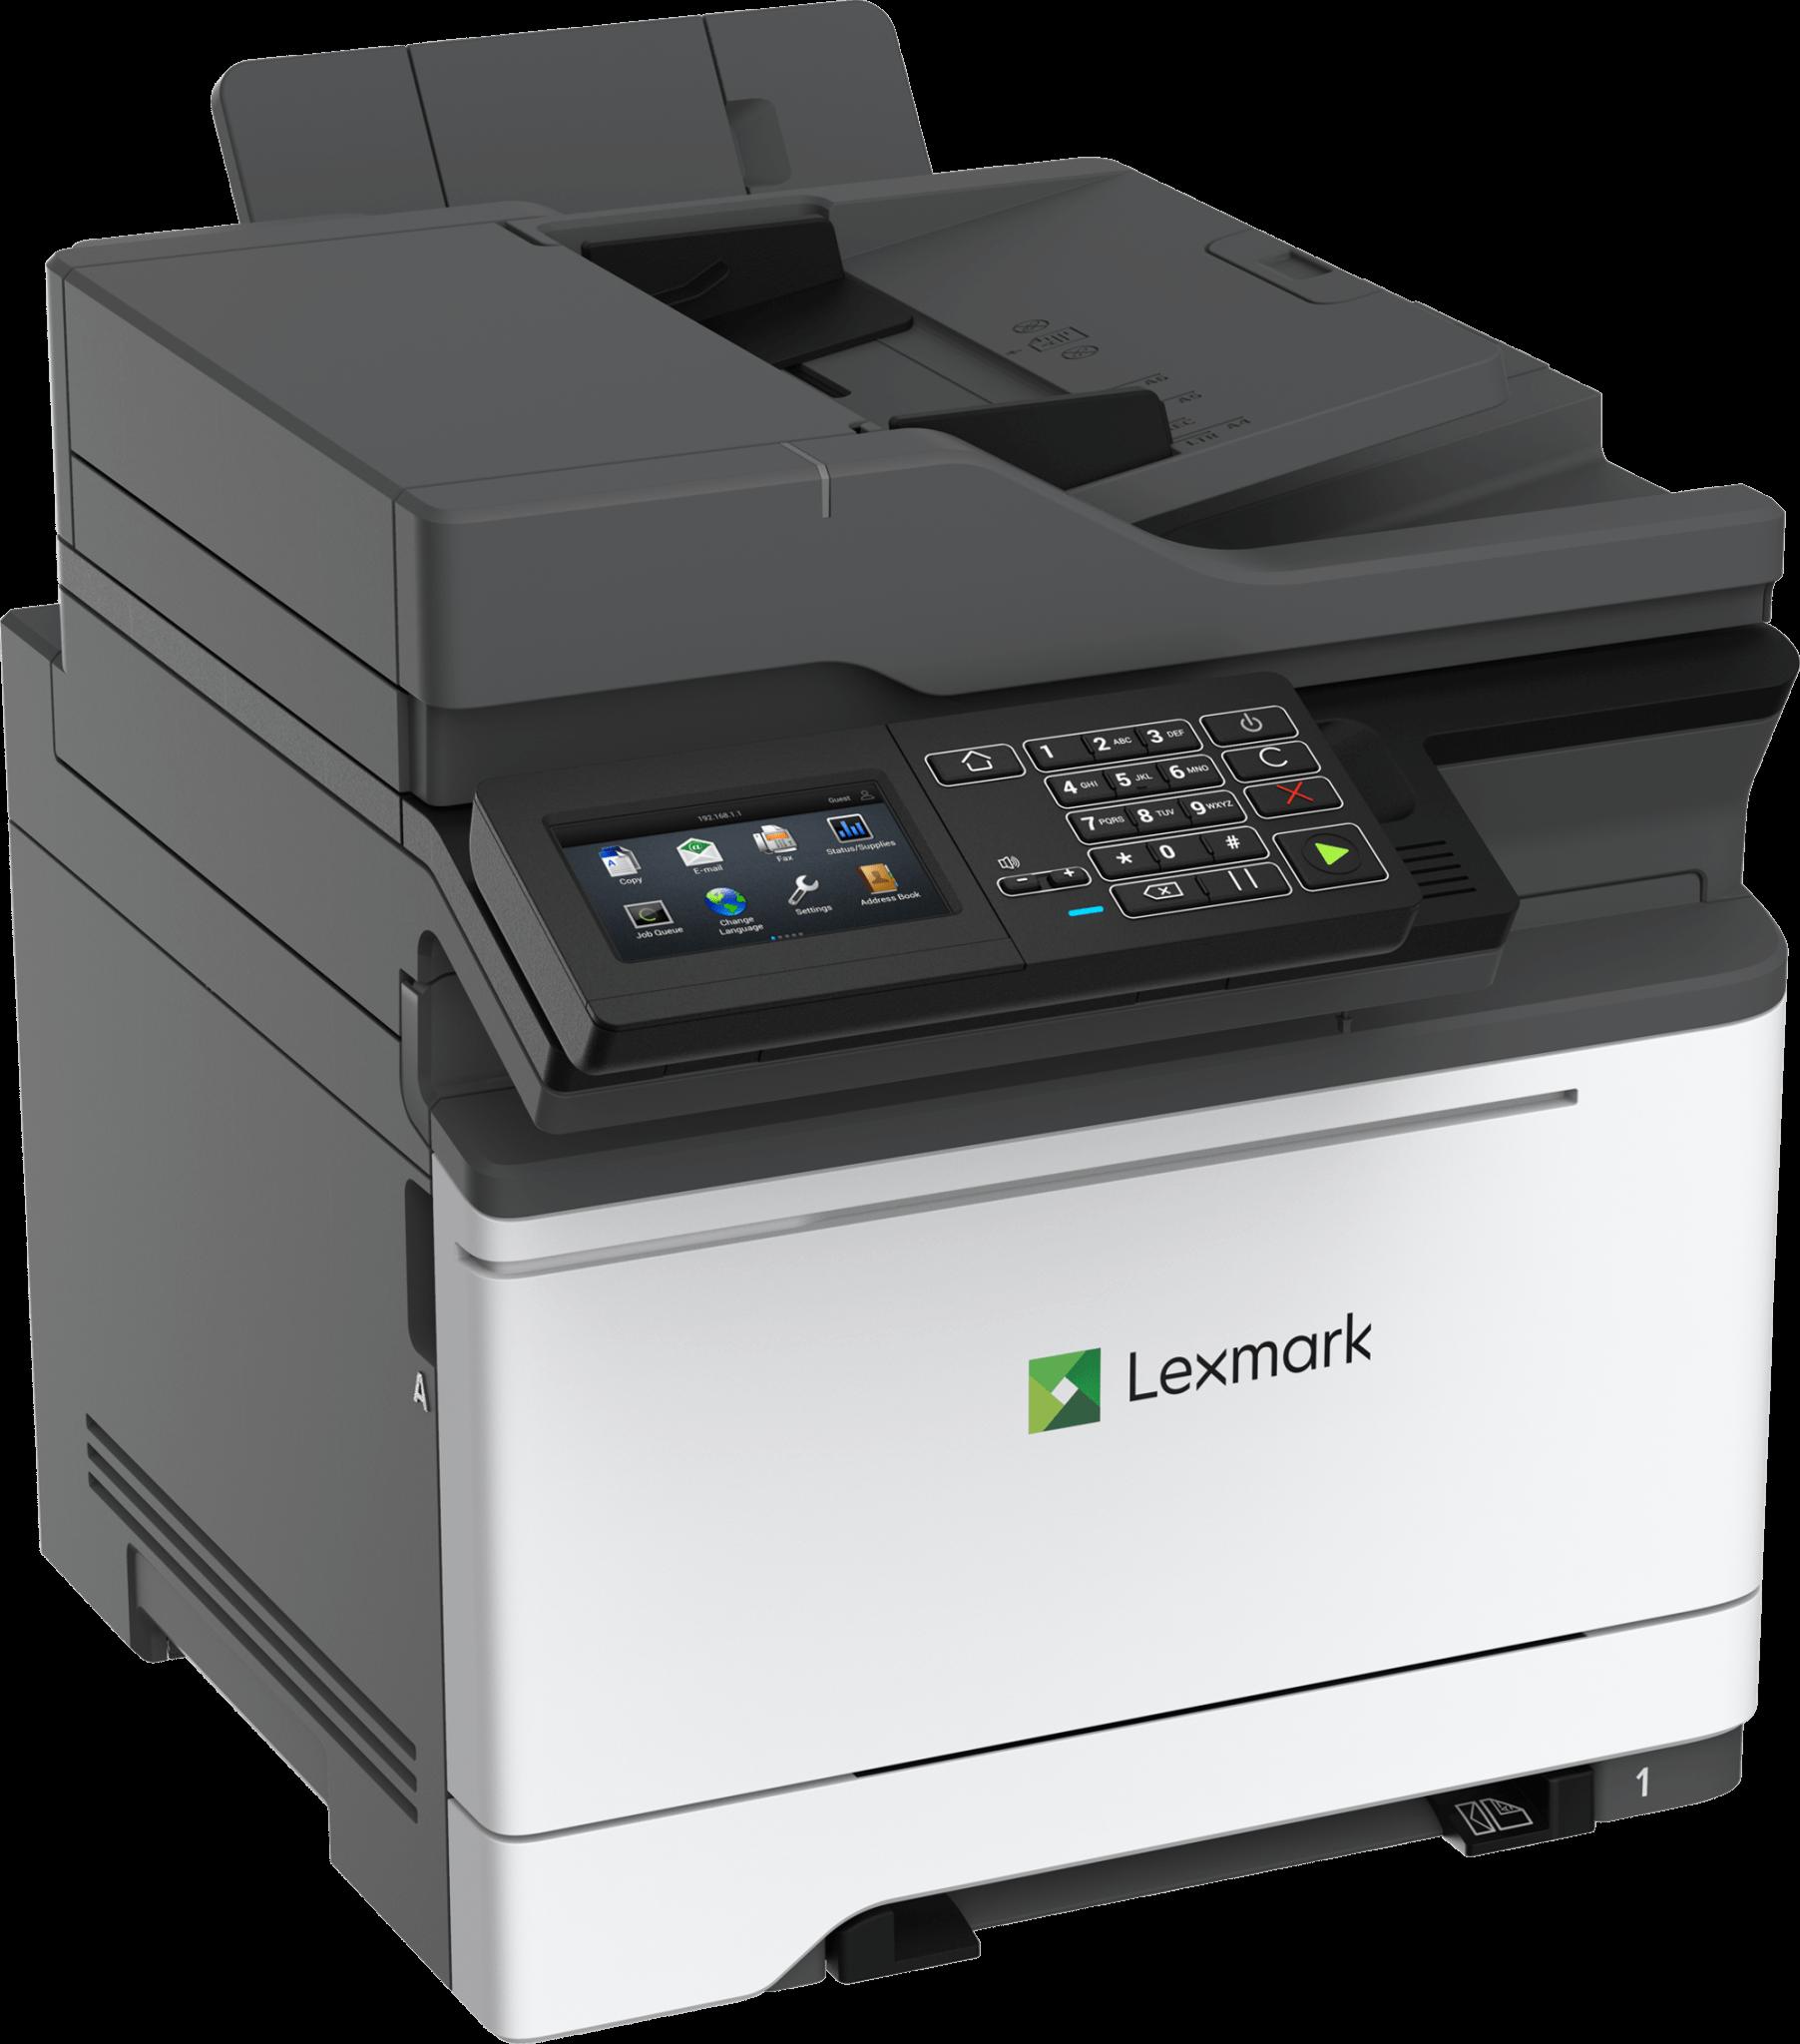 Lexmark CX522ade